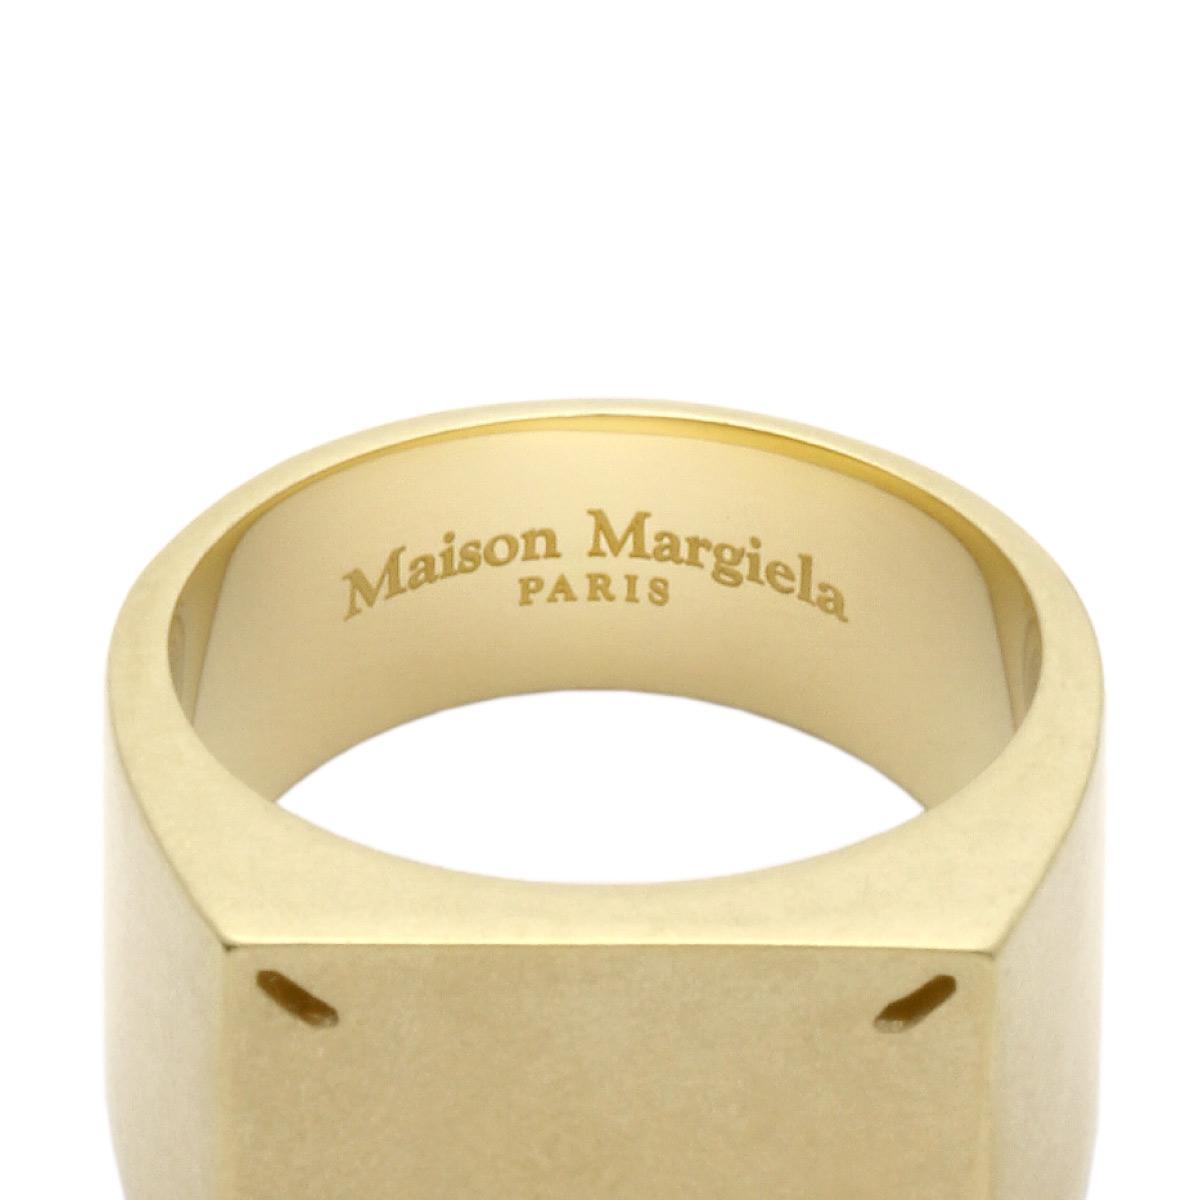 MAISON MARGIELA メゾン マルジェラ   ライン11 リング